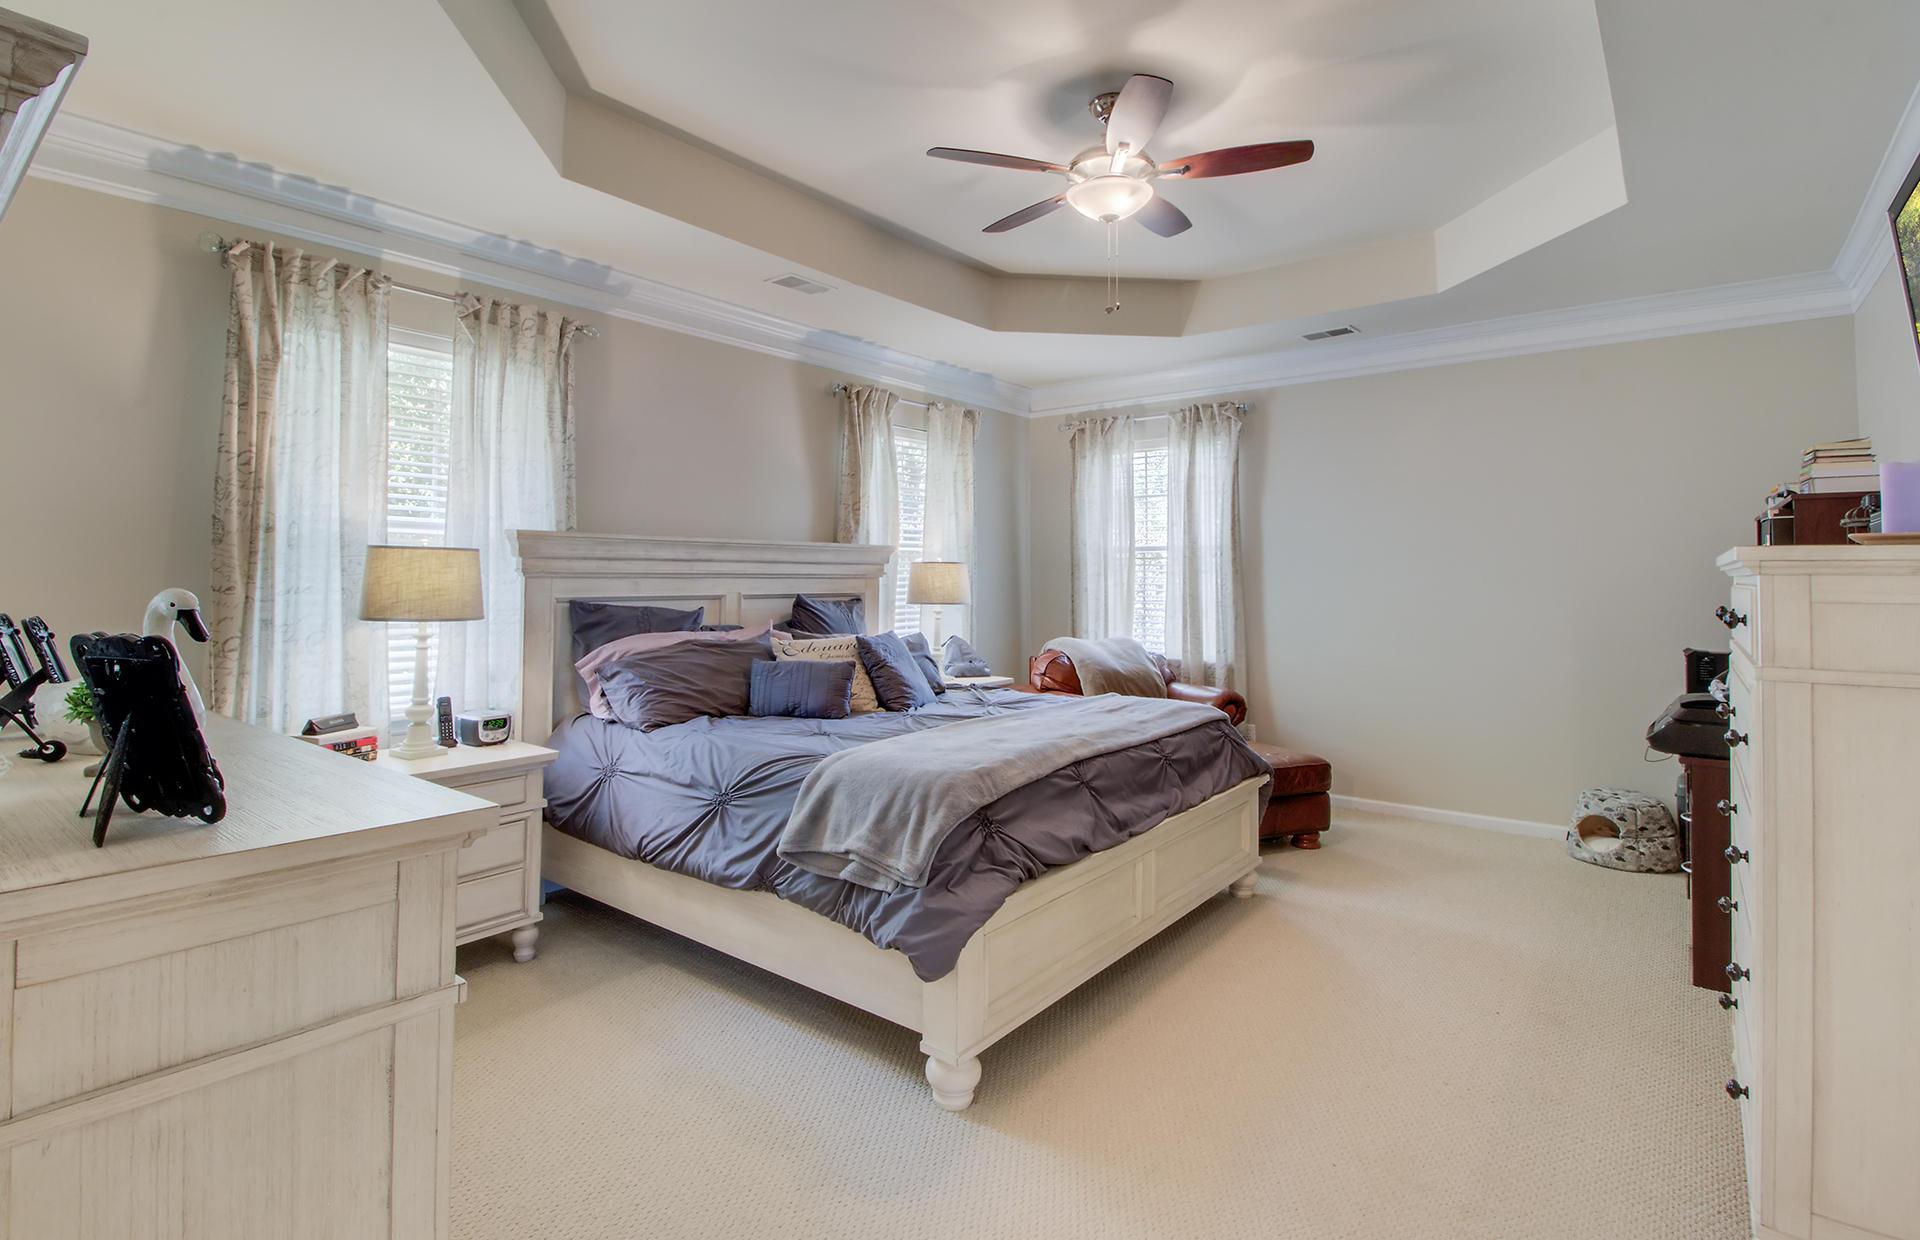 Park West Homes For Sale - 2500 Draymohr, Mount Pleasant, SC - 15